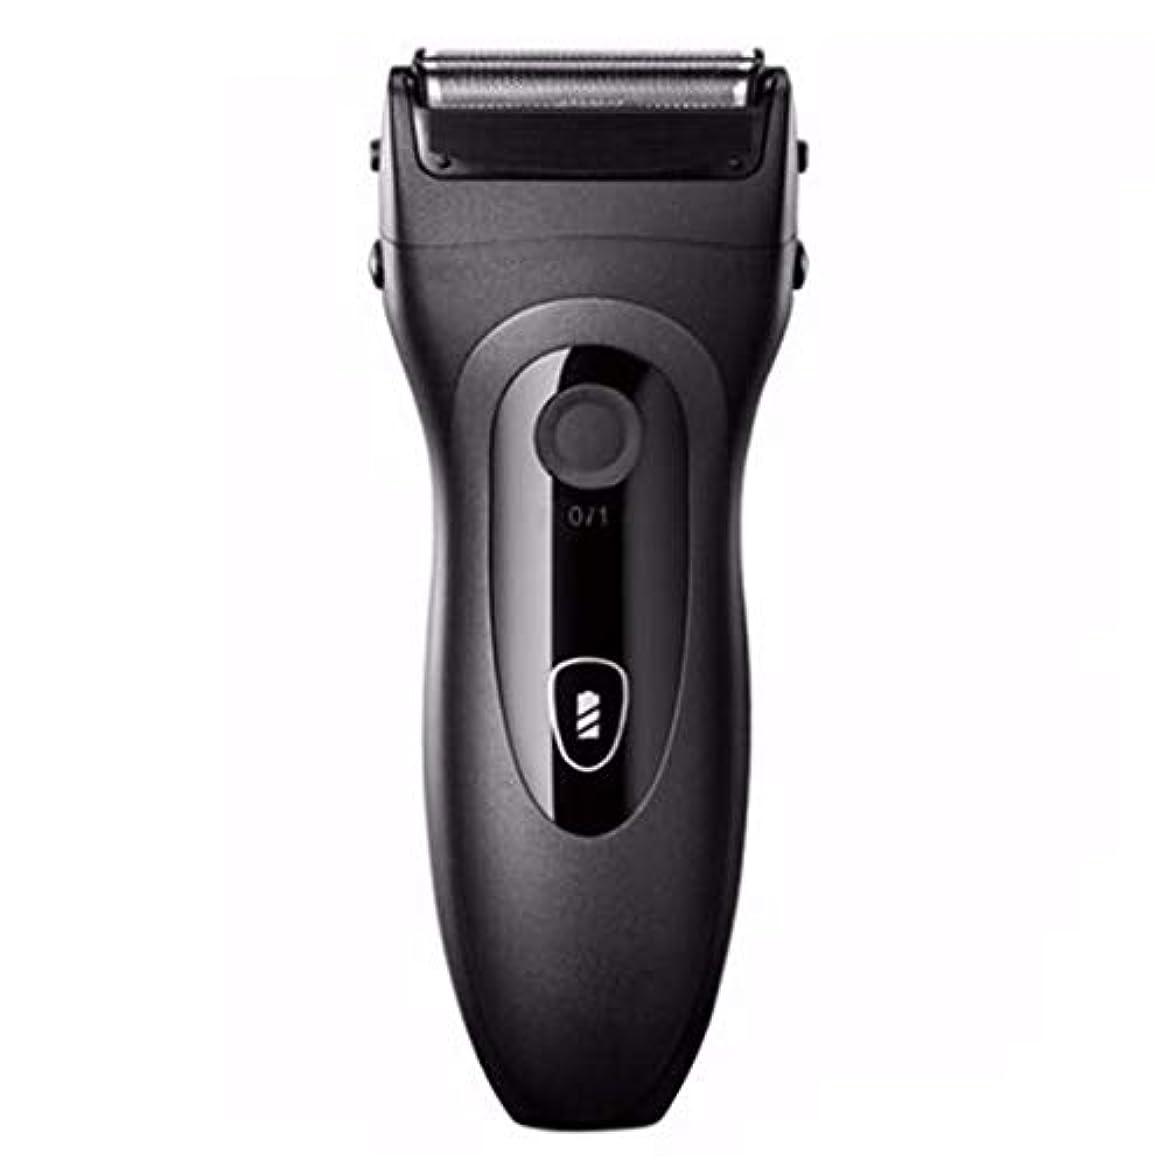 ぴったり適切にモンクひげそり 電動 メンズシェーバー,往復式 髭剃り 電気シェーバー USB充電式 IPX7防水 電気シェーバー ディスプレイ お風呂剃りドライ両用 人気プレゼント